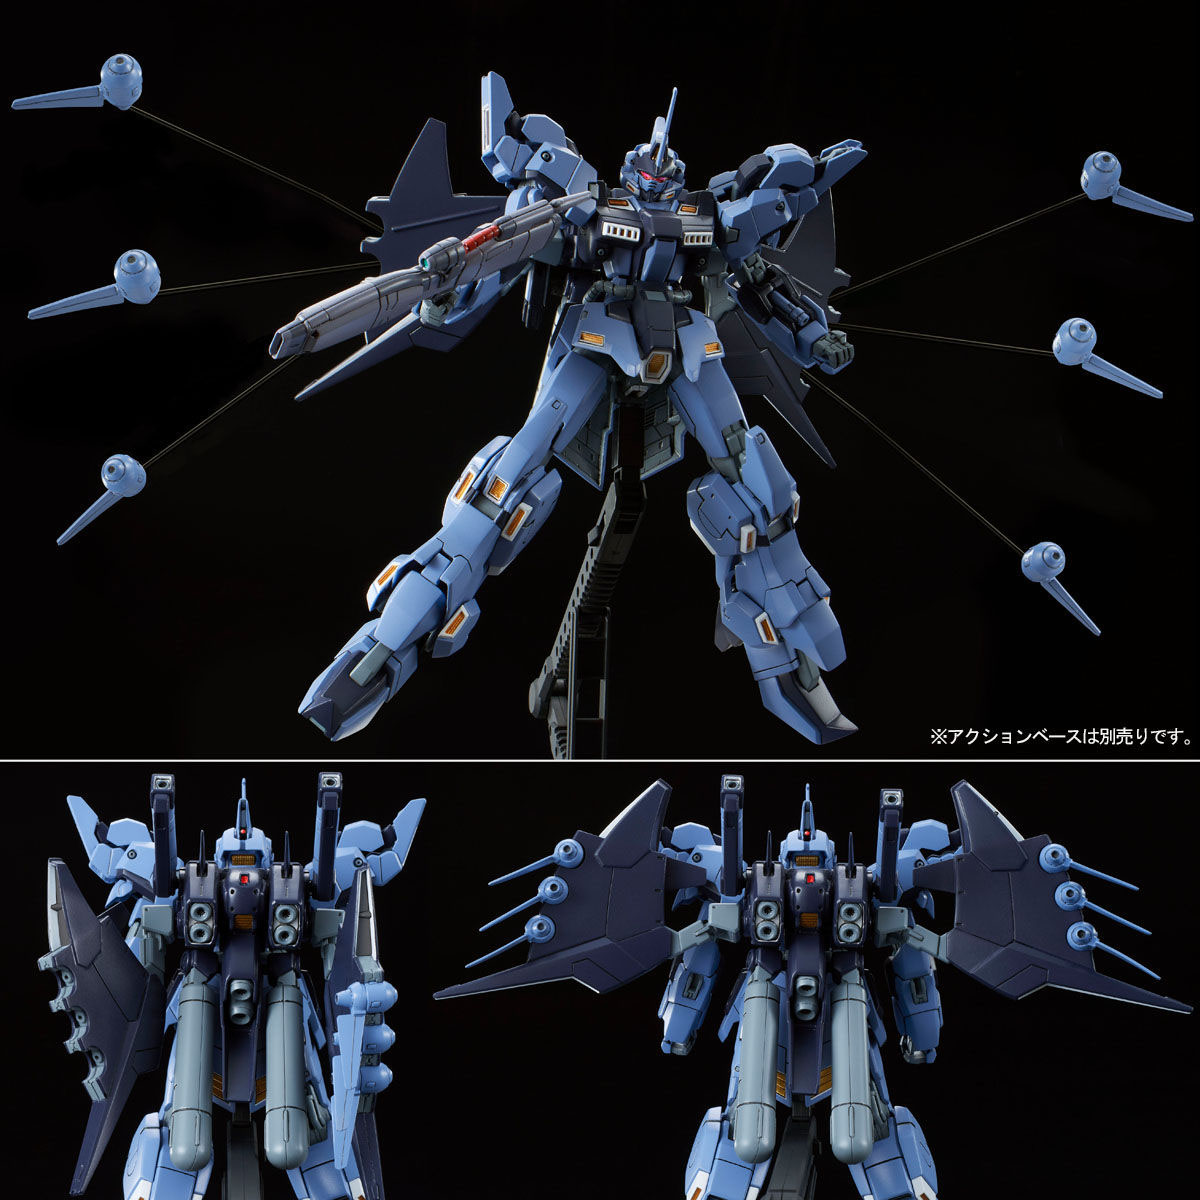 【限定販売】HG 1/144『トーリスリッター』ガンダム サイドストーリーズ プラモデル-008